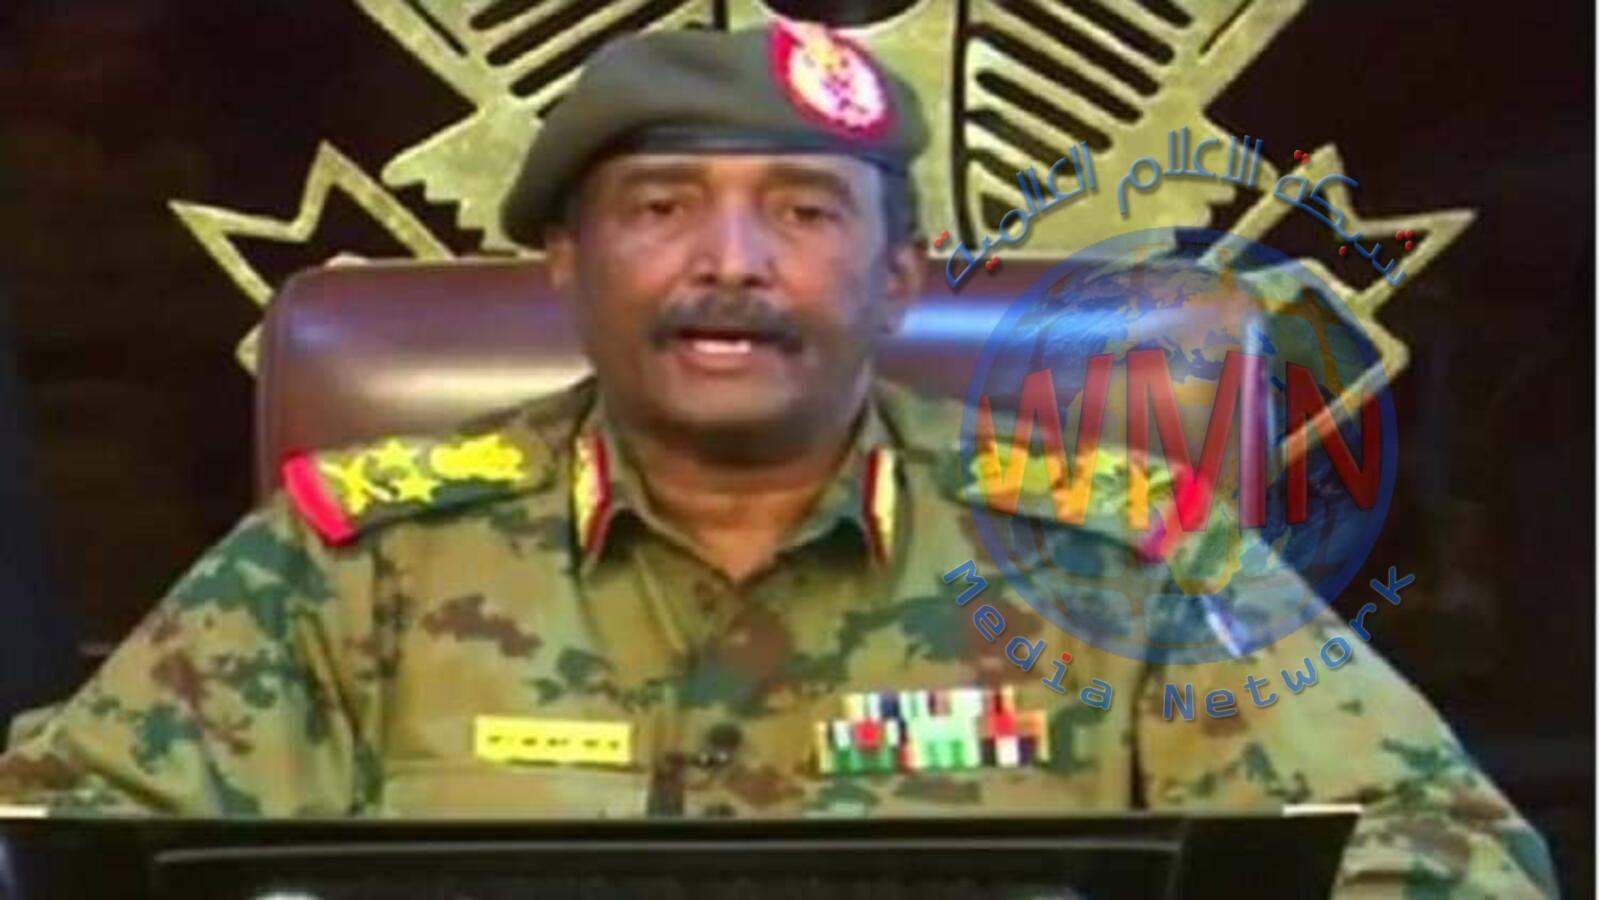 المجلس العسكري السوداني يعفي ثلاثة مسؤولين